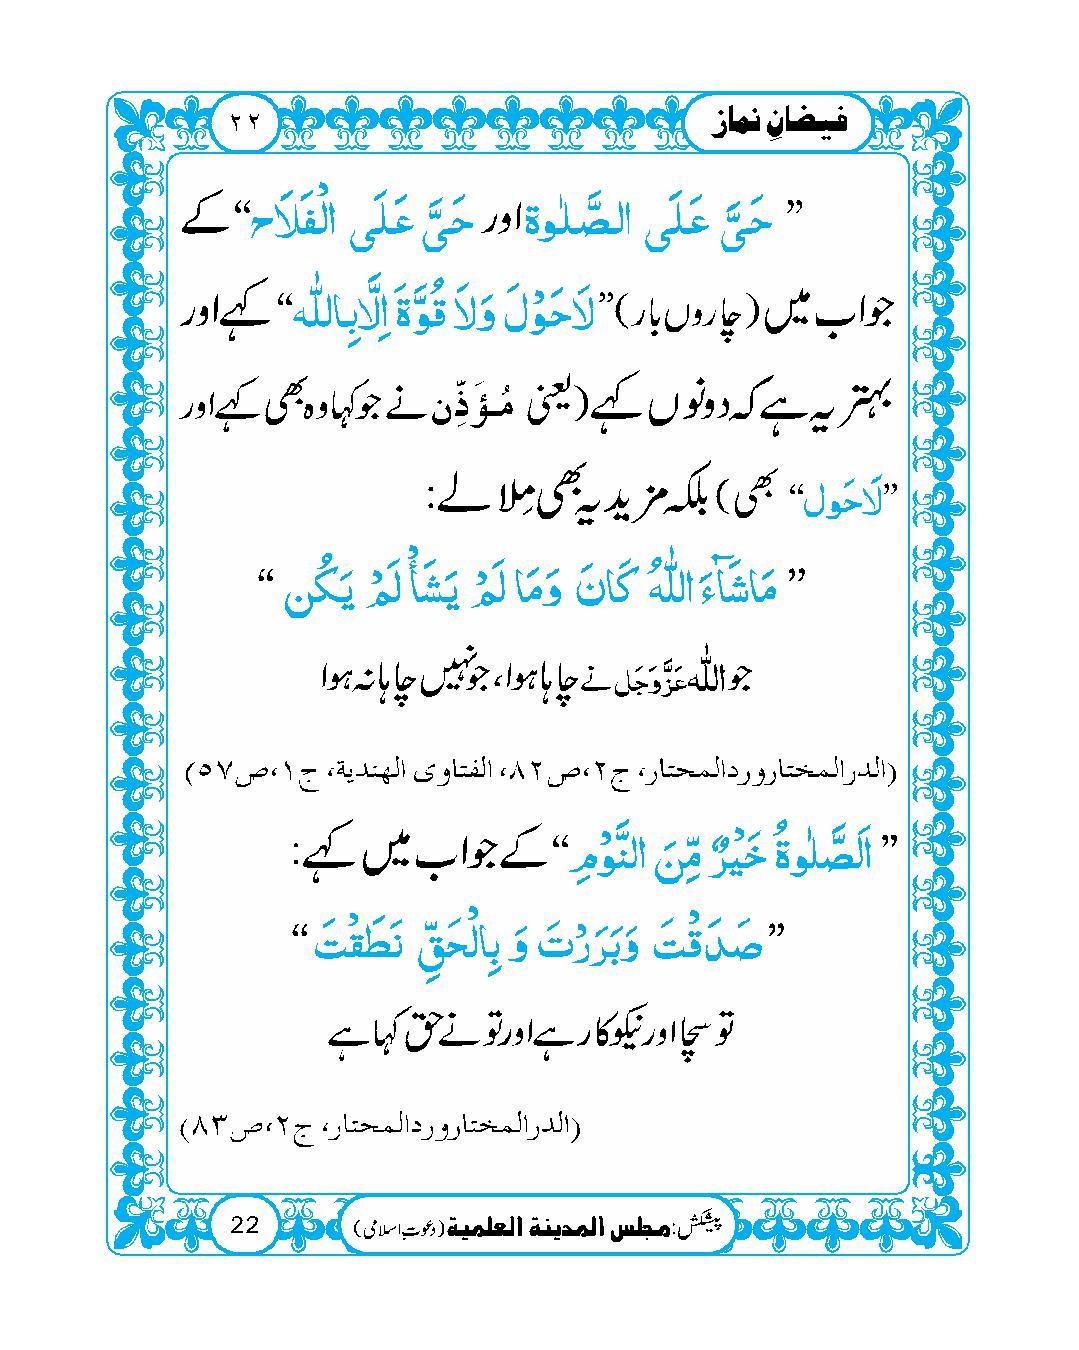 page No 22